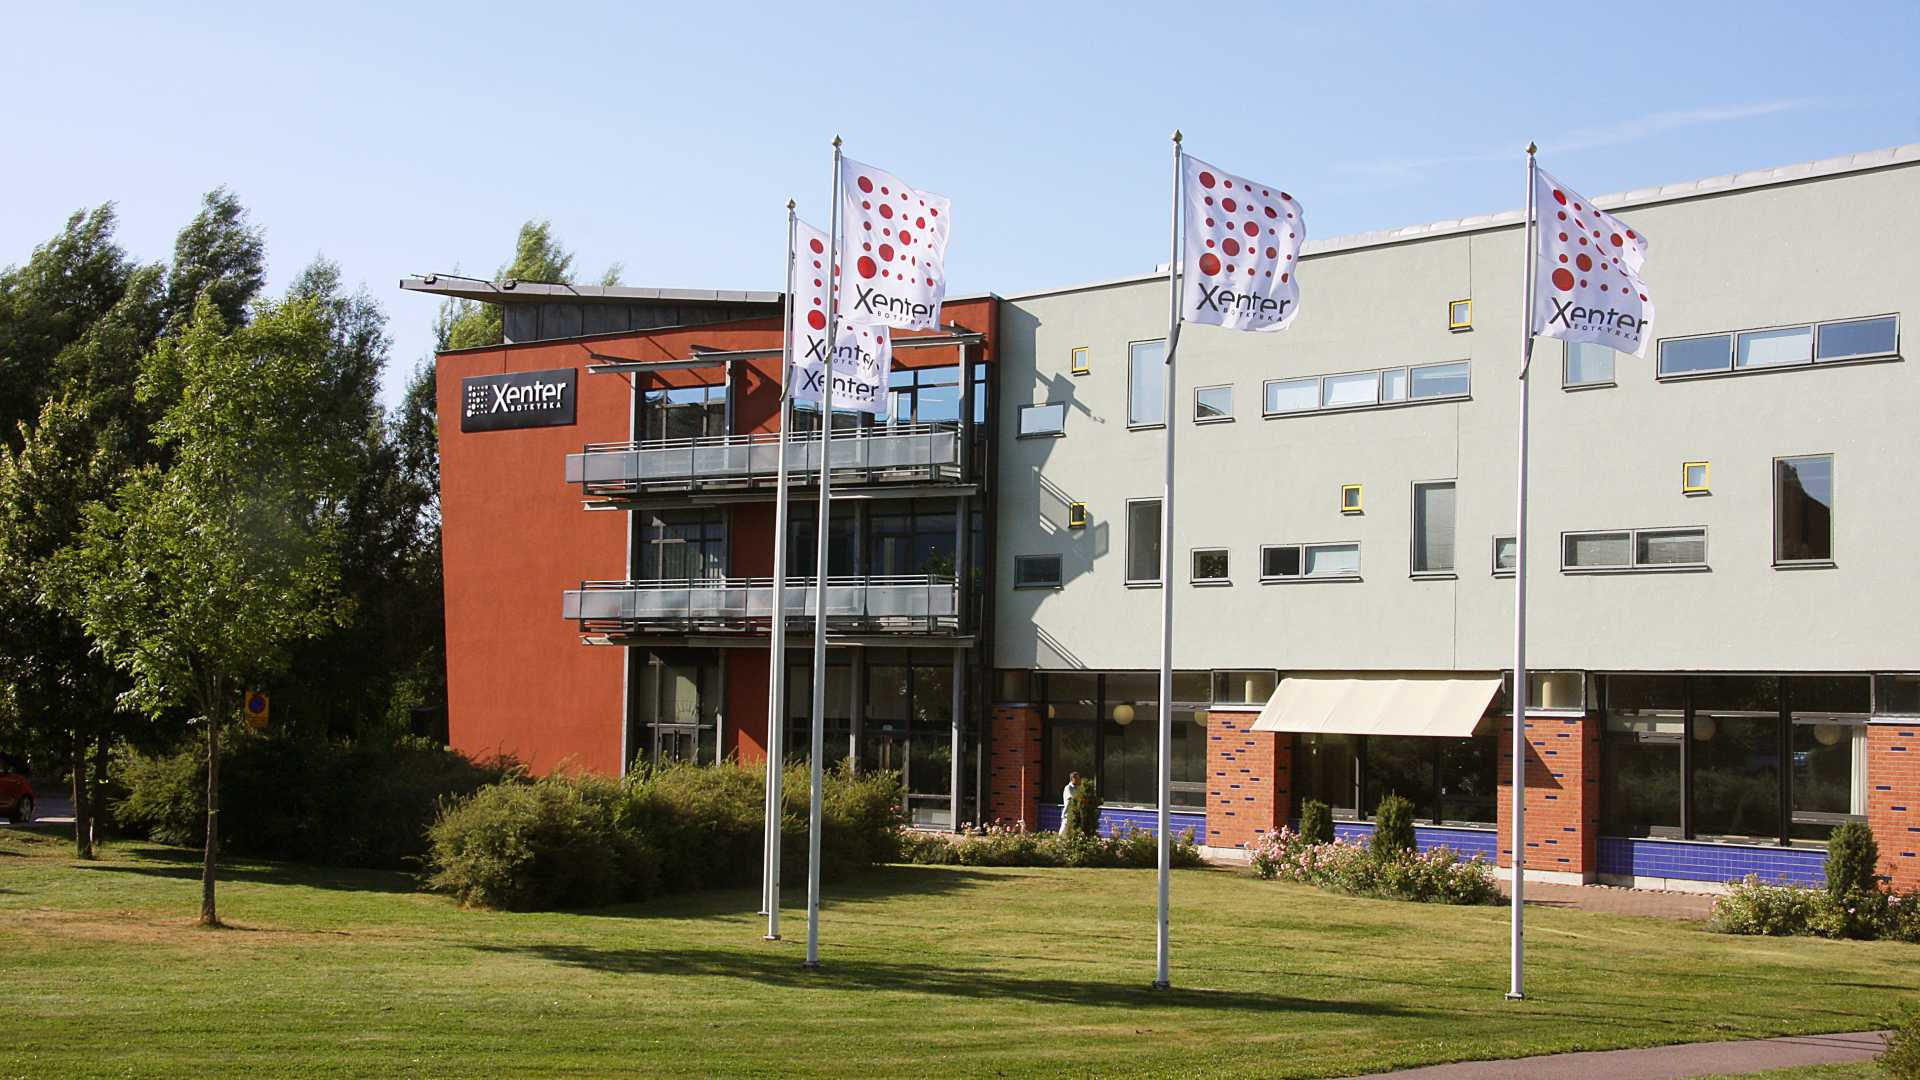 Xenter Yrkeshögskola